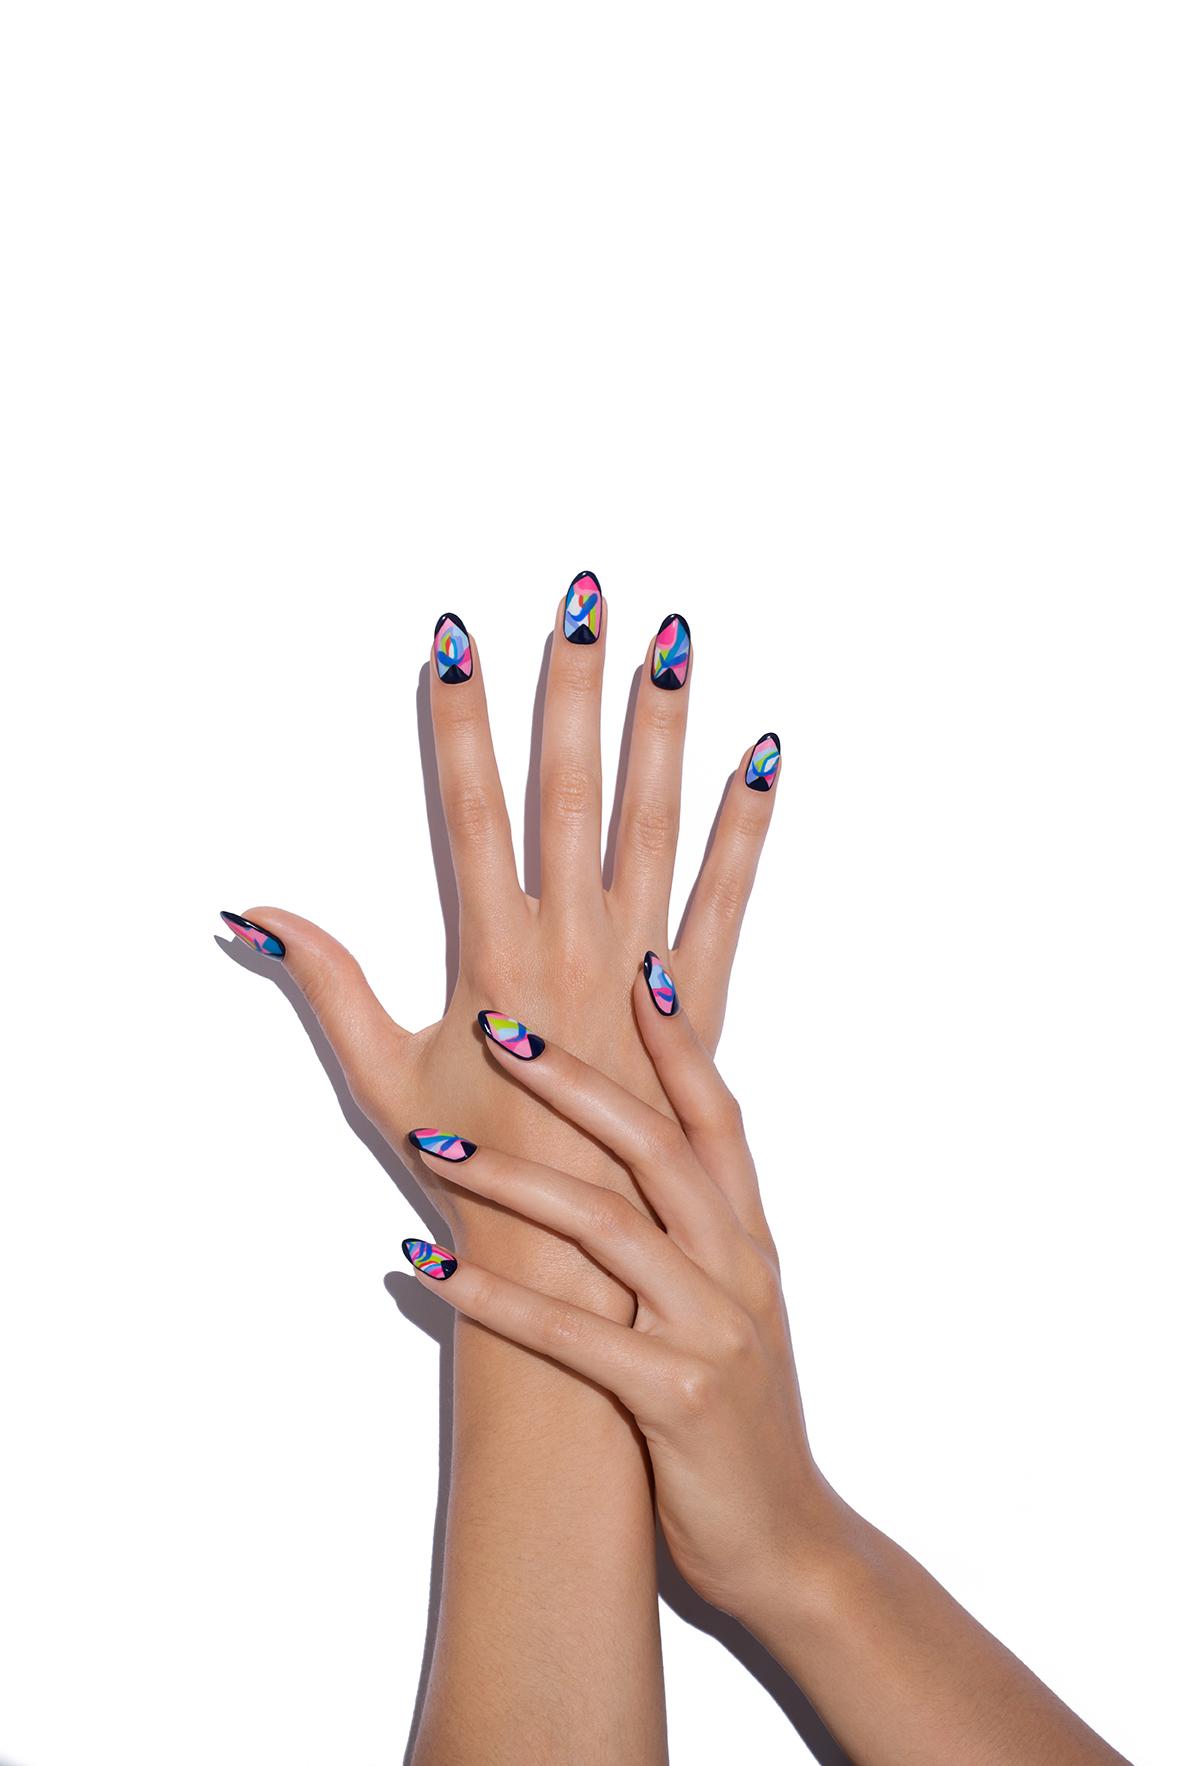 Hand-Model-Image-1_170526_Revlon_Creative_Play_Hands_01_146_v06.jpg